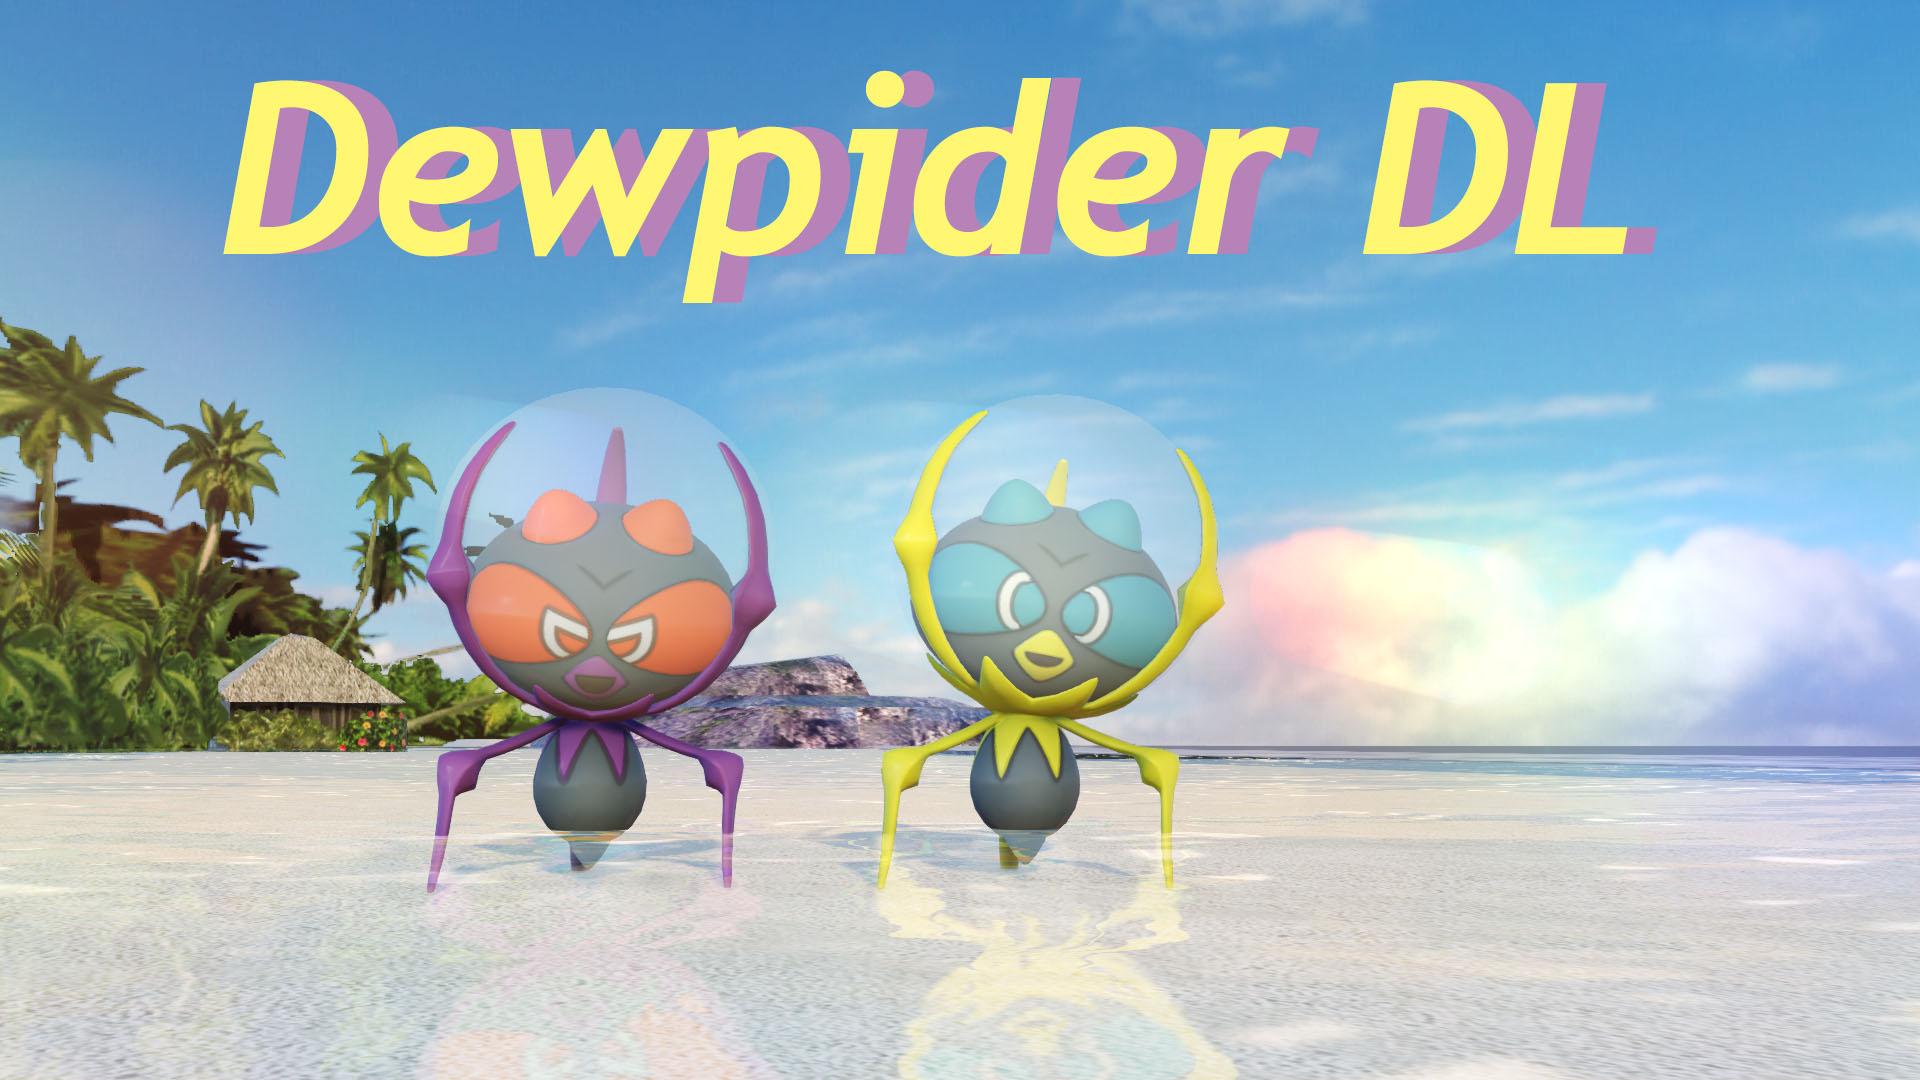 Dewpider DL